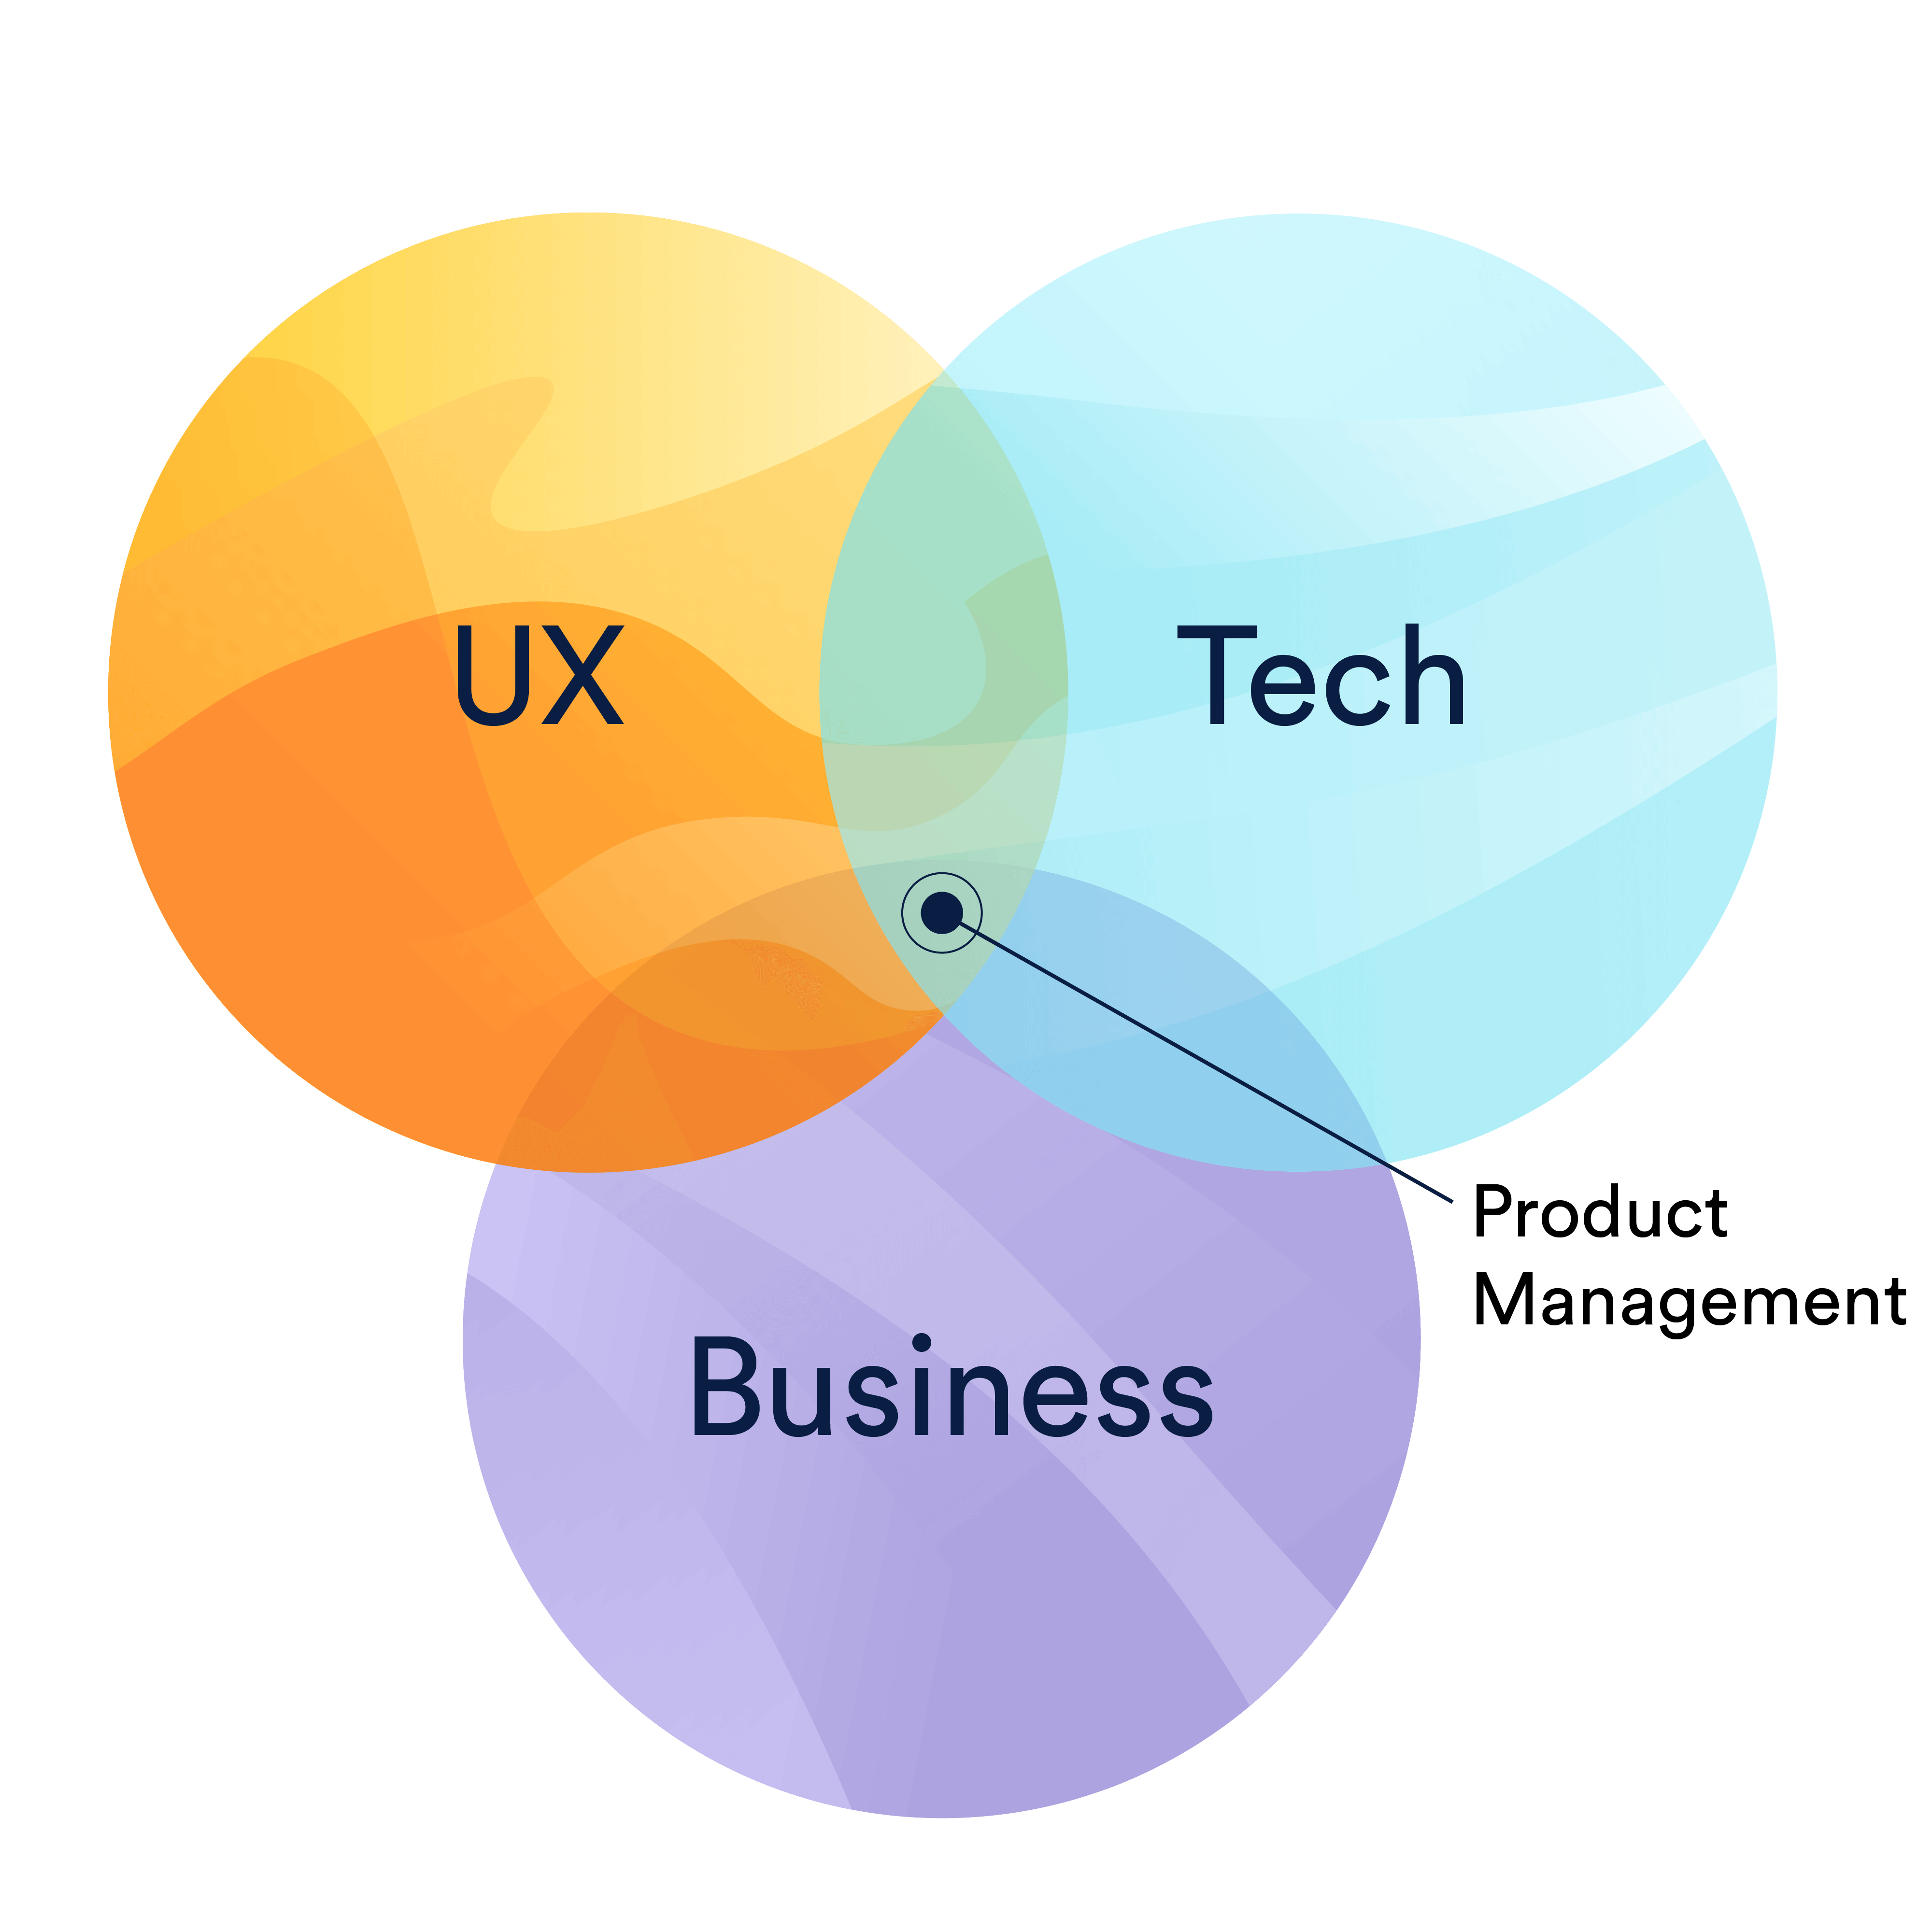 プロダクトマネージャーの責務と、UX、テクノロジー、ビジネスの重複を表したベン図 | アトラシアンアジャイルコーチ